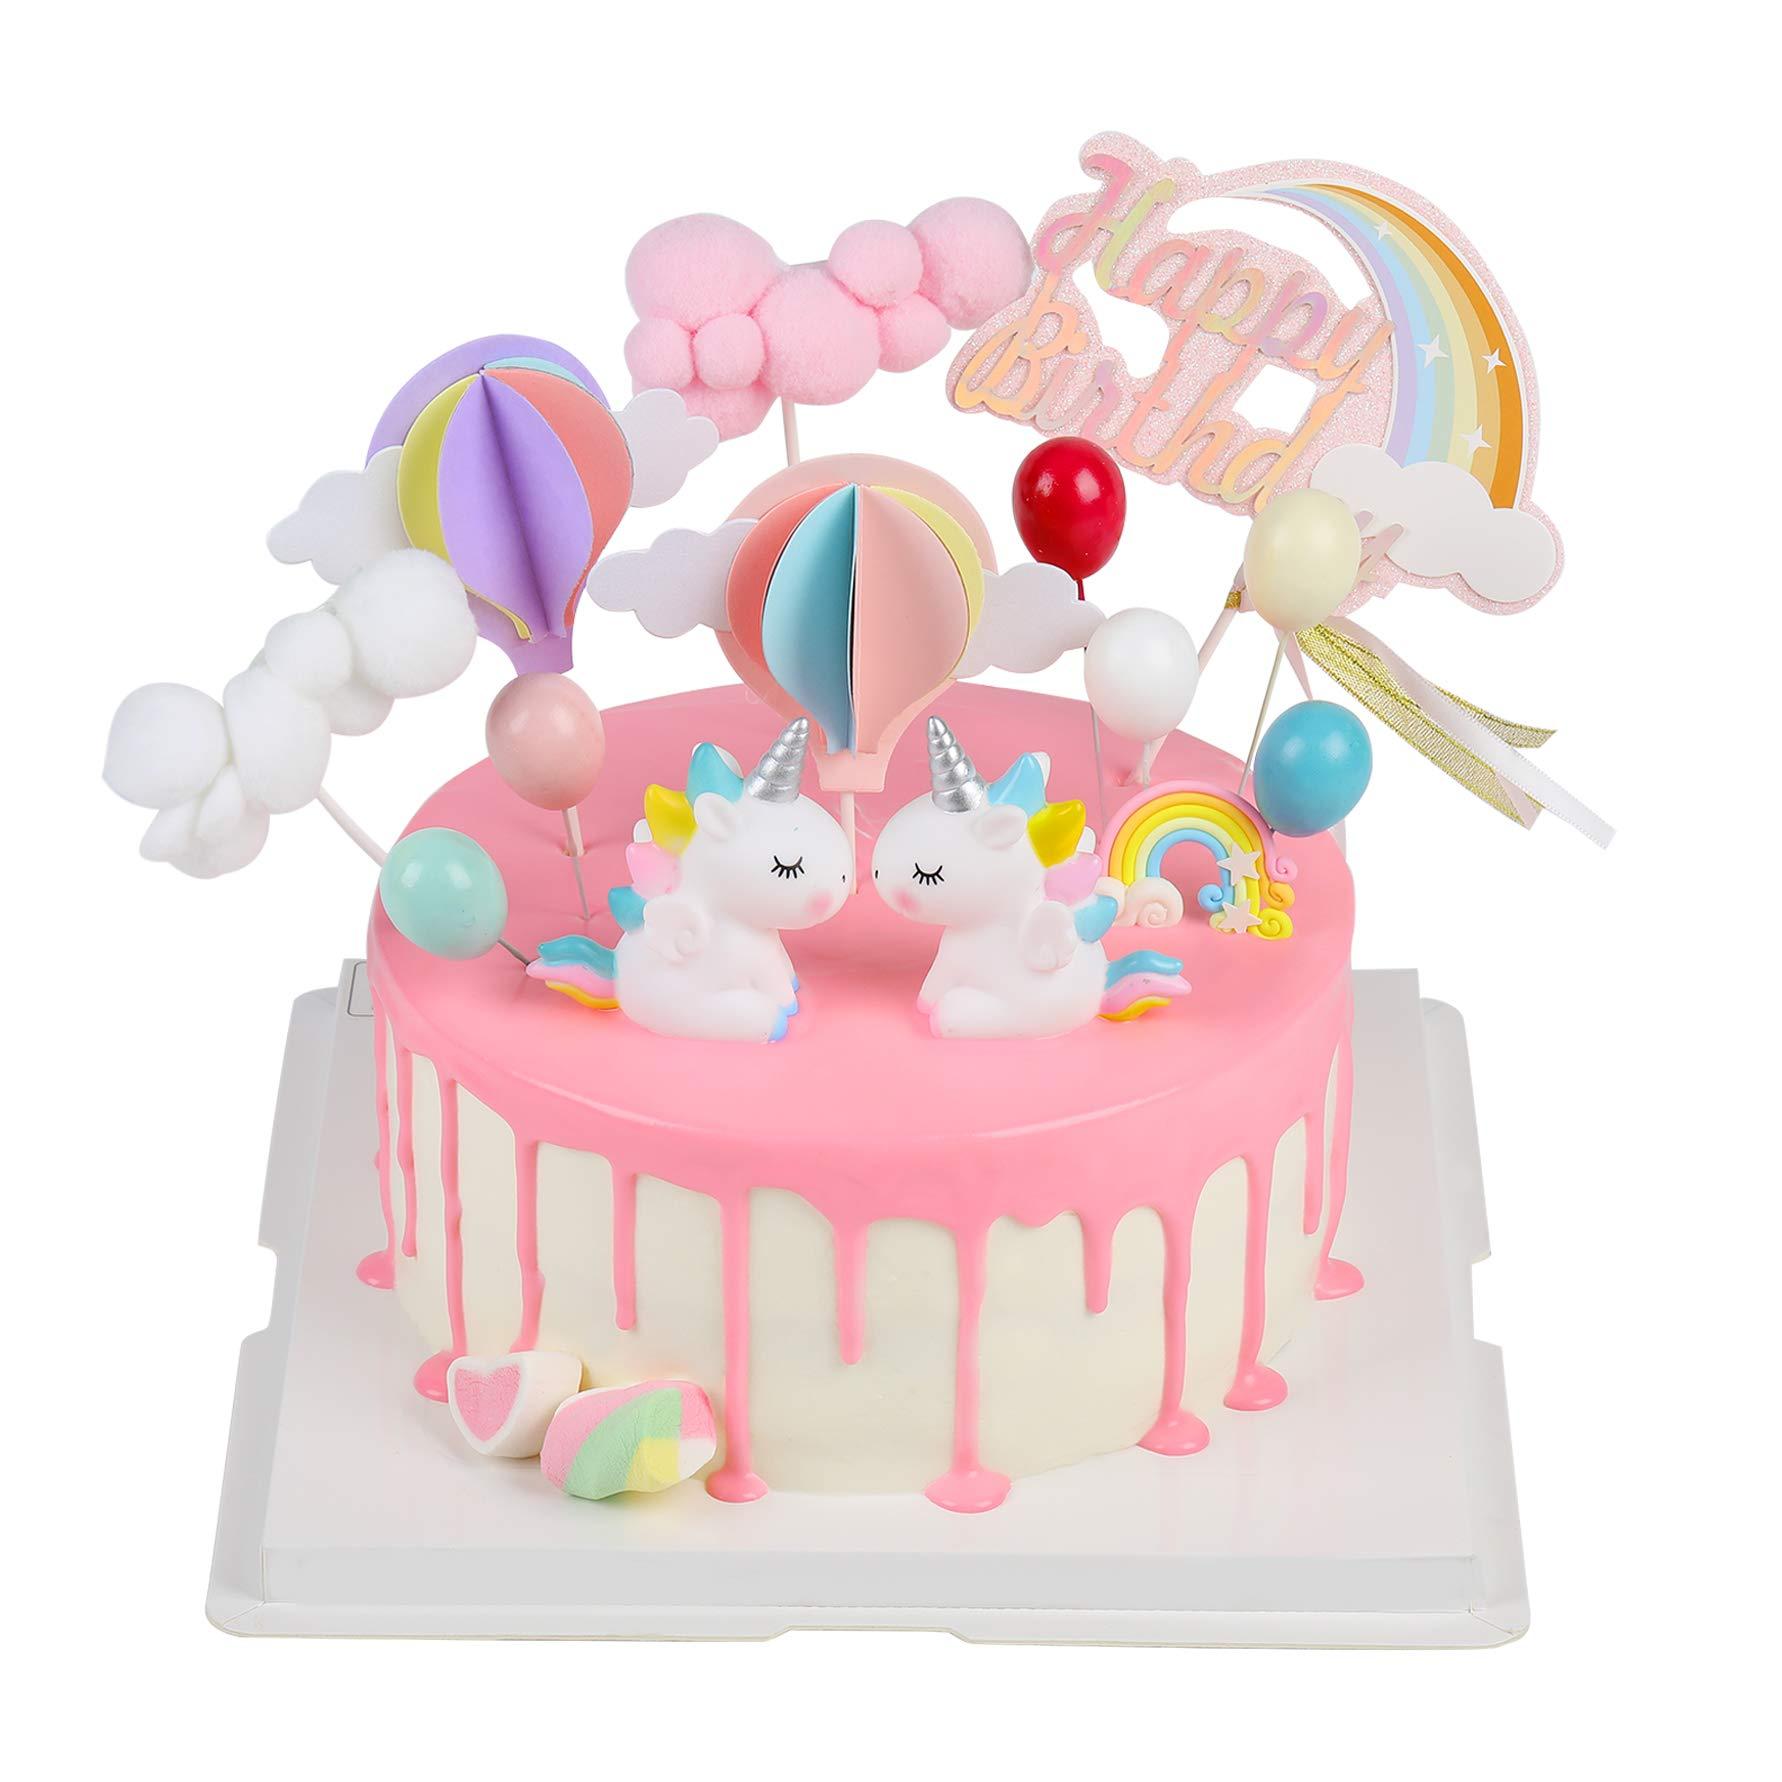 Joyoldelf Cake Toppers Auto Kuchendekoration Spielzeug Fahrzeuge Einhorn Geburtstag Junge Geburtstag Dekoration Junge Geburtstagsgeschenk f/ür Geburtstag//Hochzeit//Feiertag//andere Party